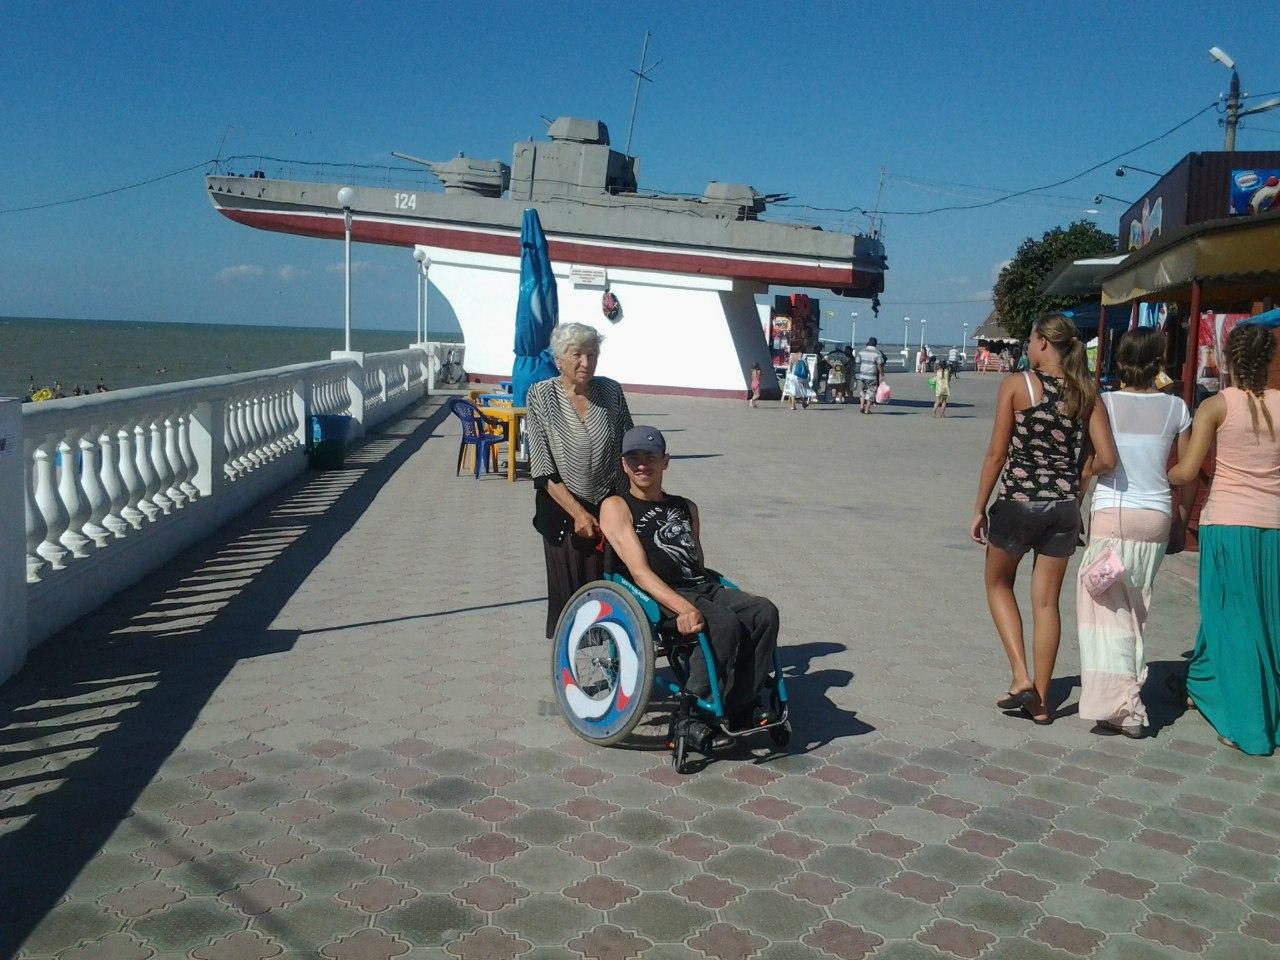 """Переехавший на юг сыктывкарец с инвалидностью Роман Нейфельд: """"Потеряв коляску, рискую остаться без движения"""""""